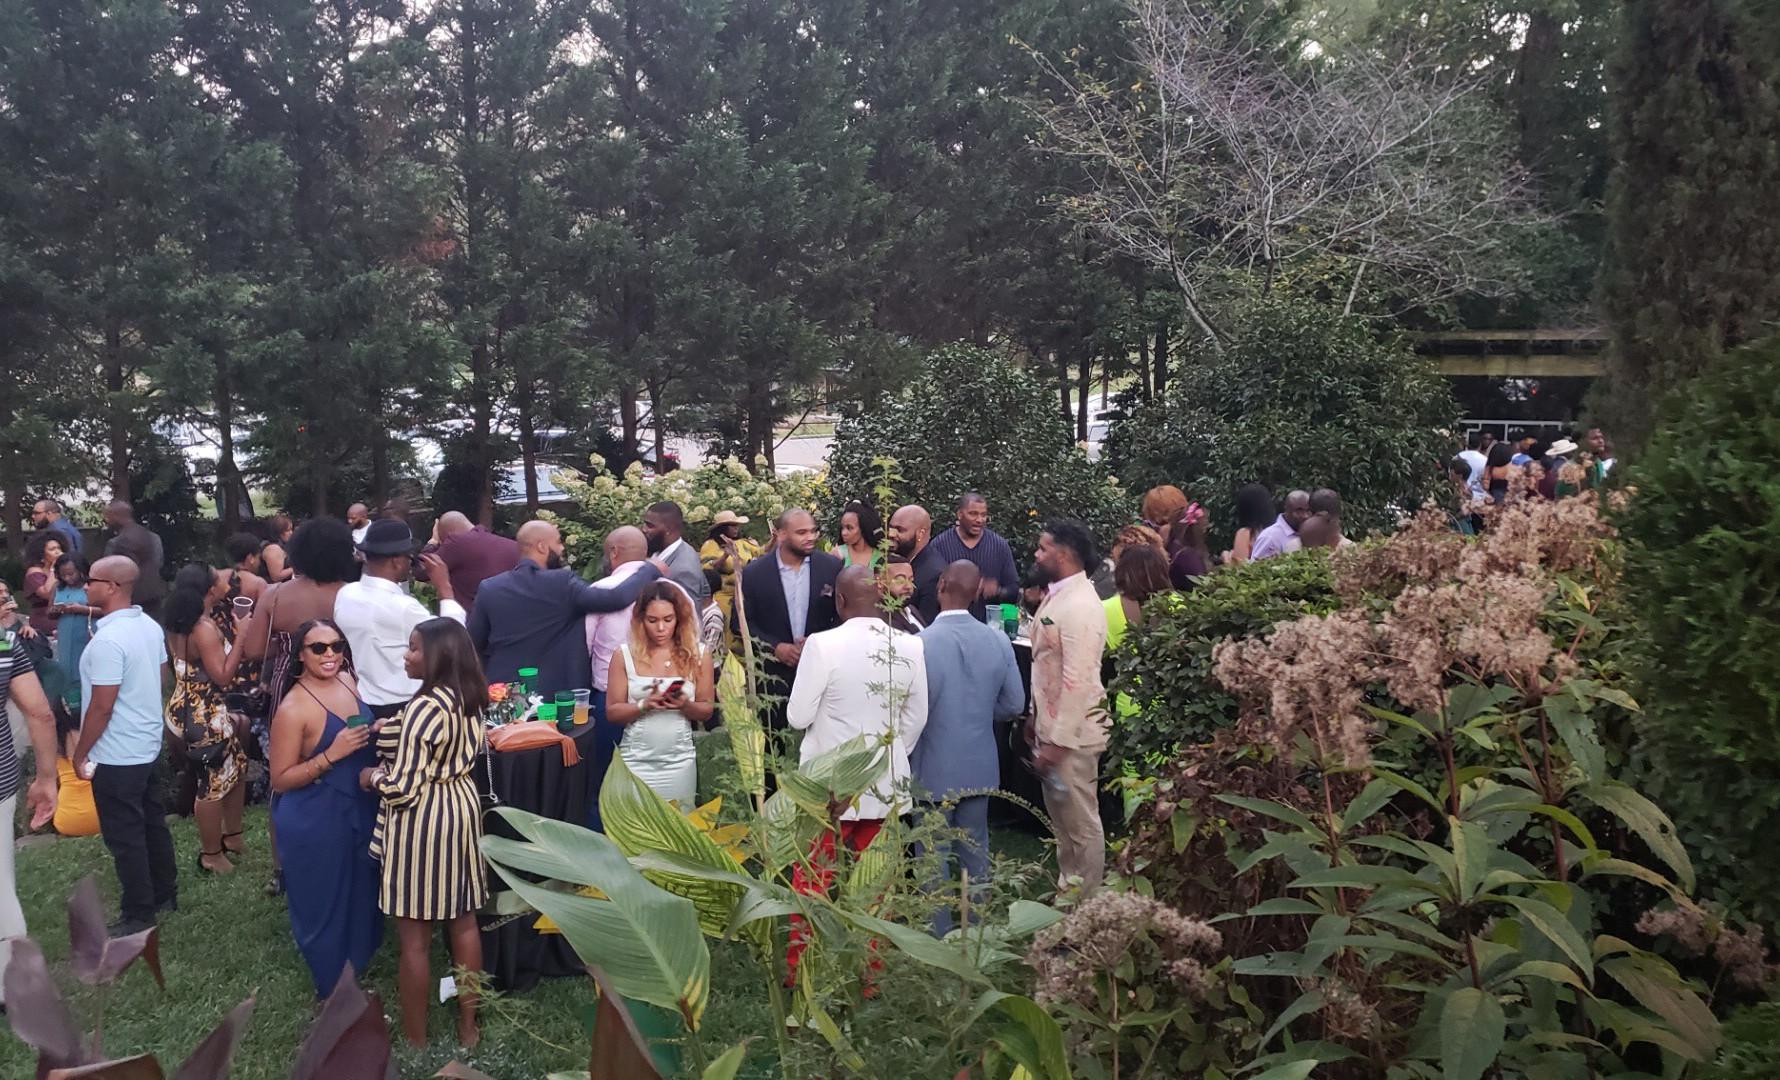 Morgan & Morgan Charity Garden Party